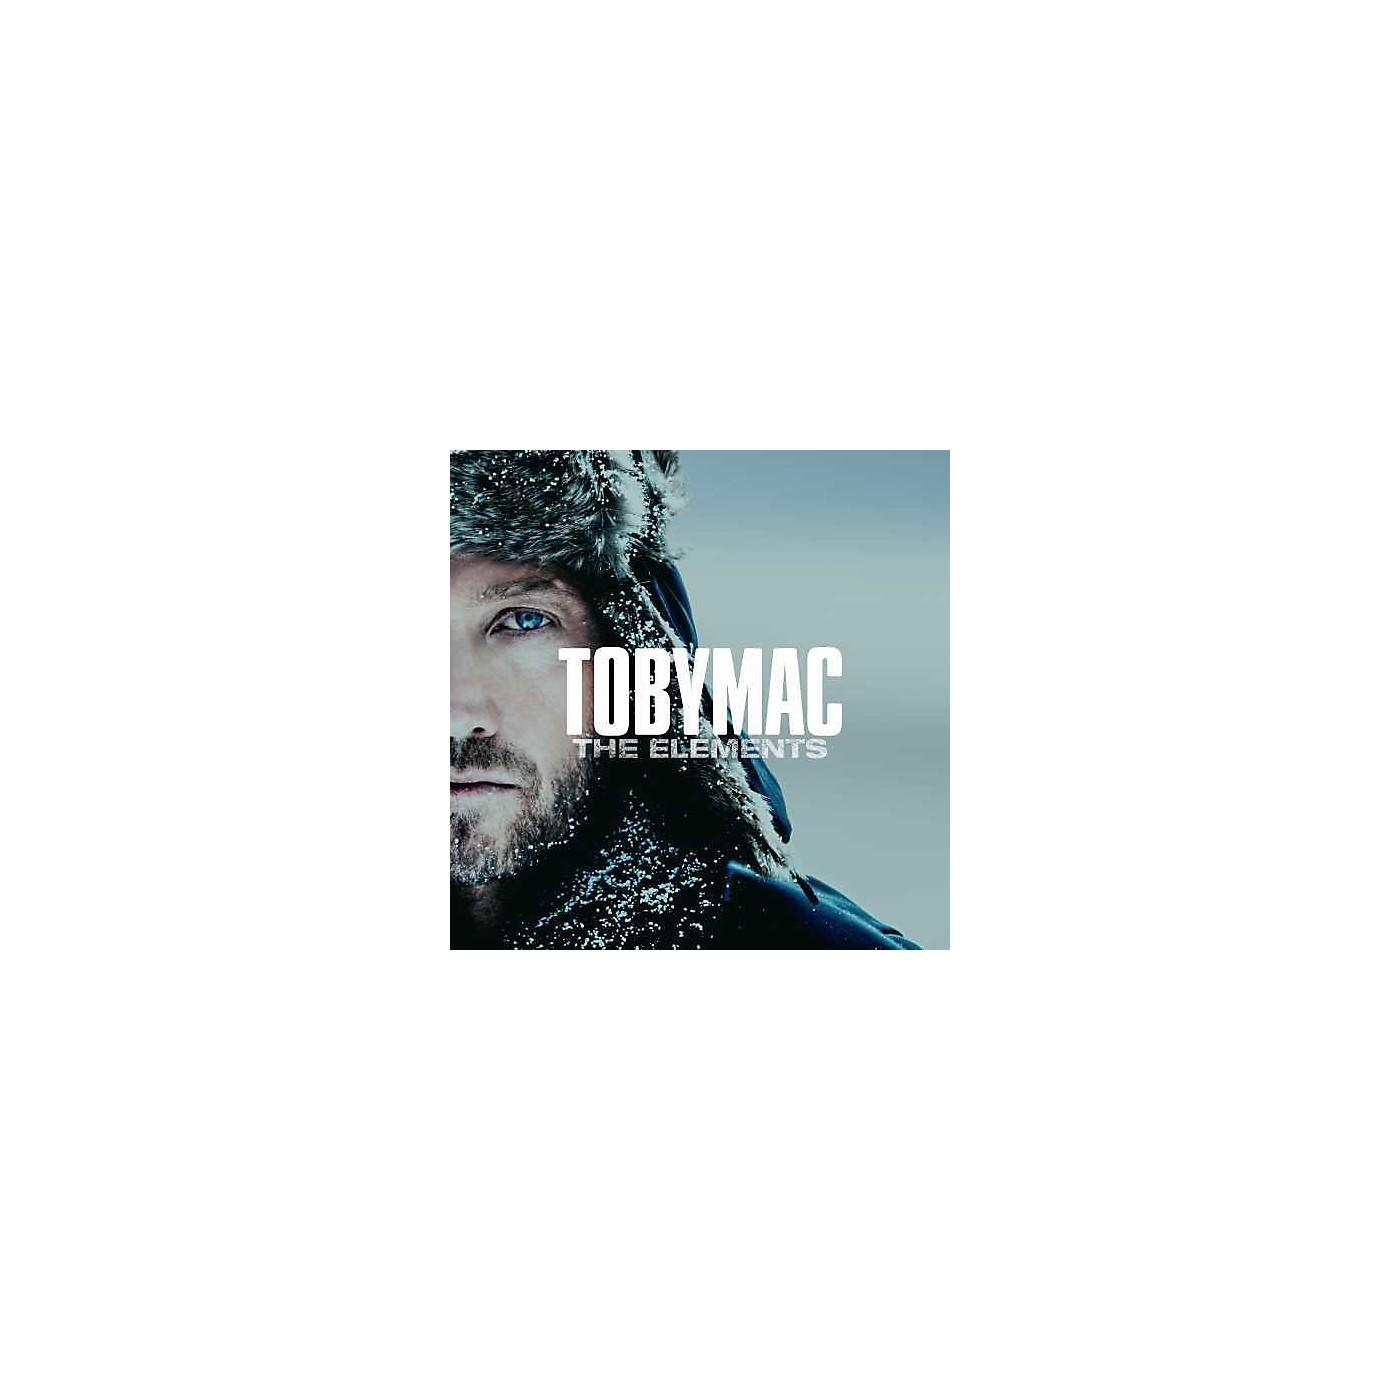 Alliance tobyMac - The Elements (CD) thumbnail